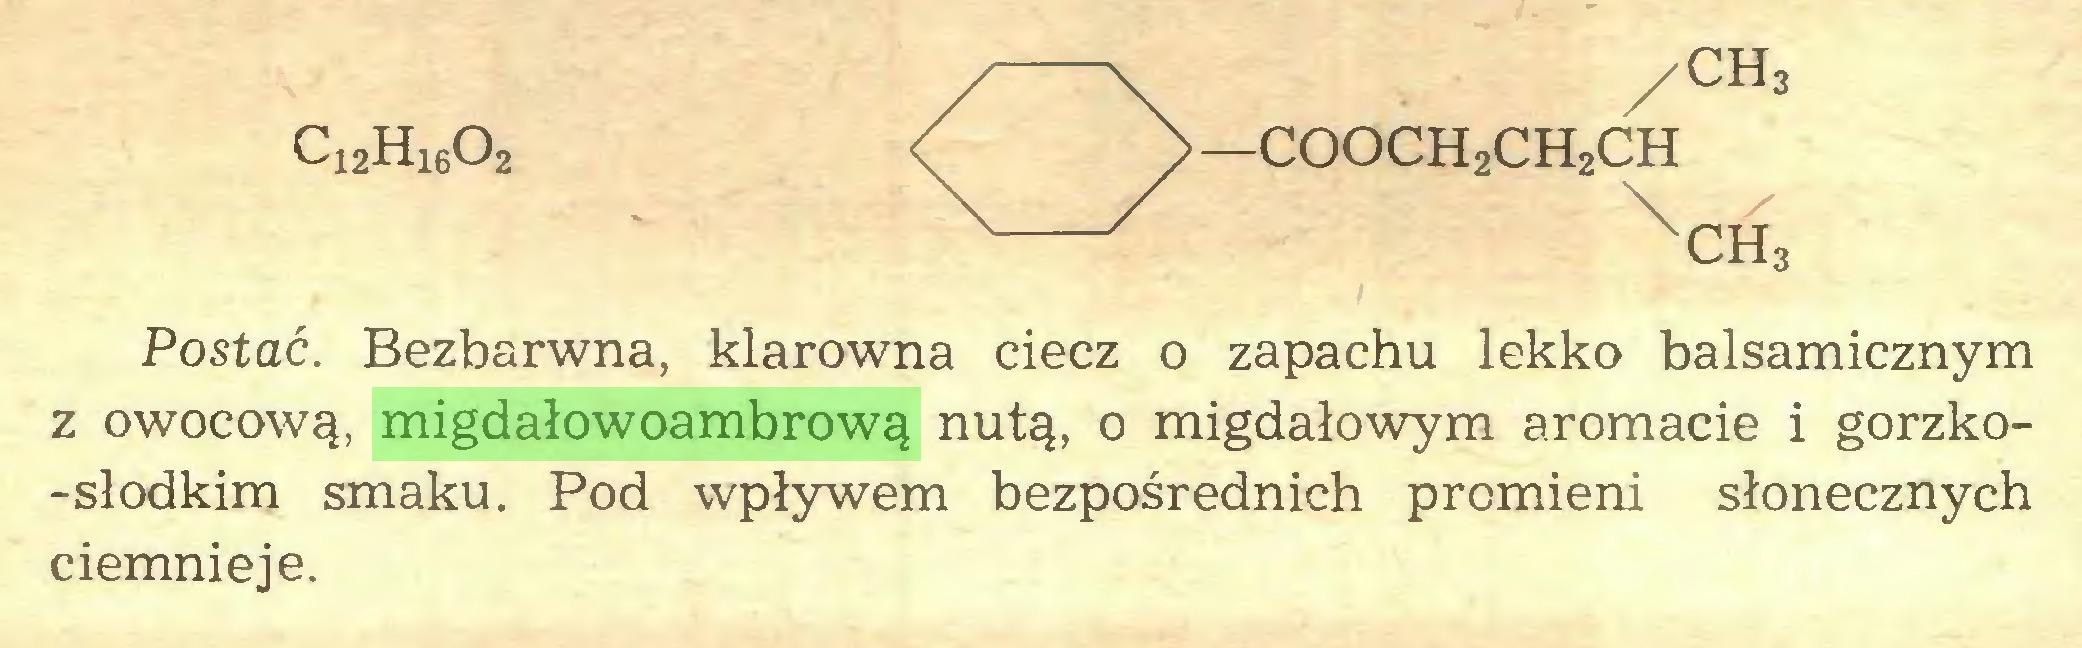 (...) Ci2H1602 / —COOCH2CH2CH \ ch3 ch3 Postać. Bezbarwna, klarowna ciecz o zapachu lekko balsamicznym z owocową, migdałowoambrową nutą, o migdałowym aromacie i gorzko-słodkim smaku. Pod wpływem bezpośrednich promieni słonecznych ciemnieje...